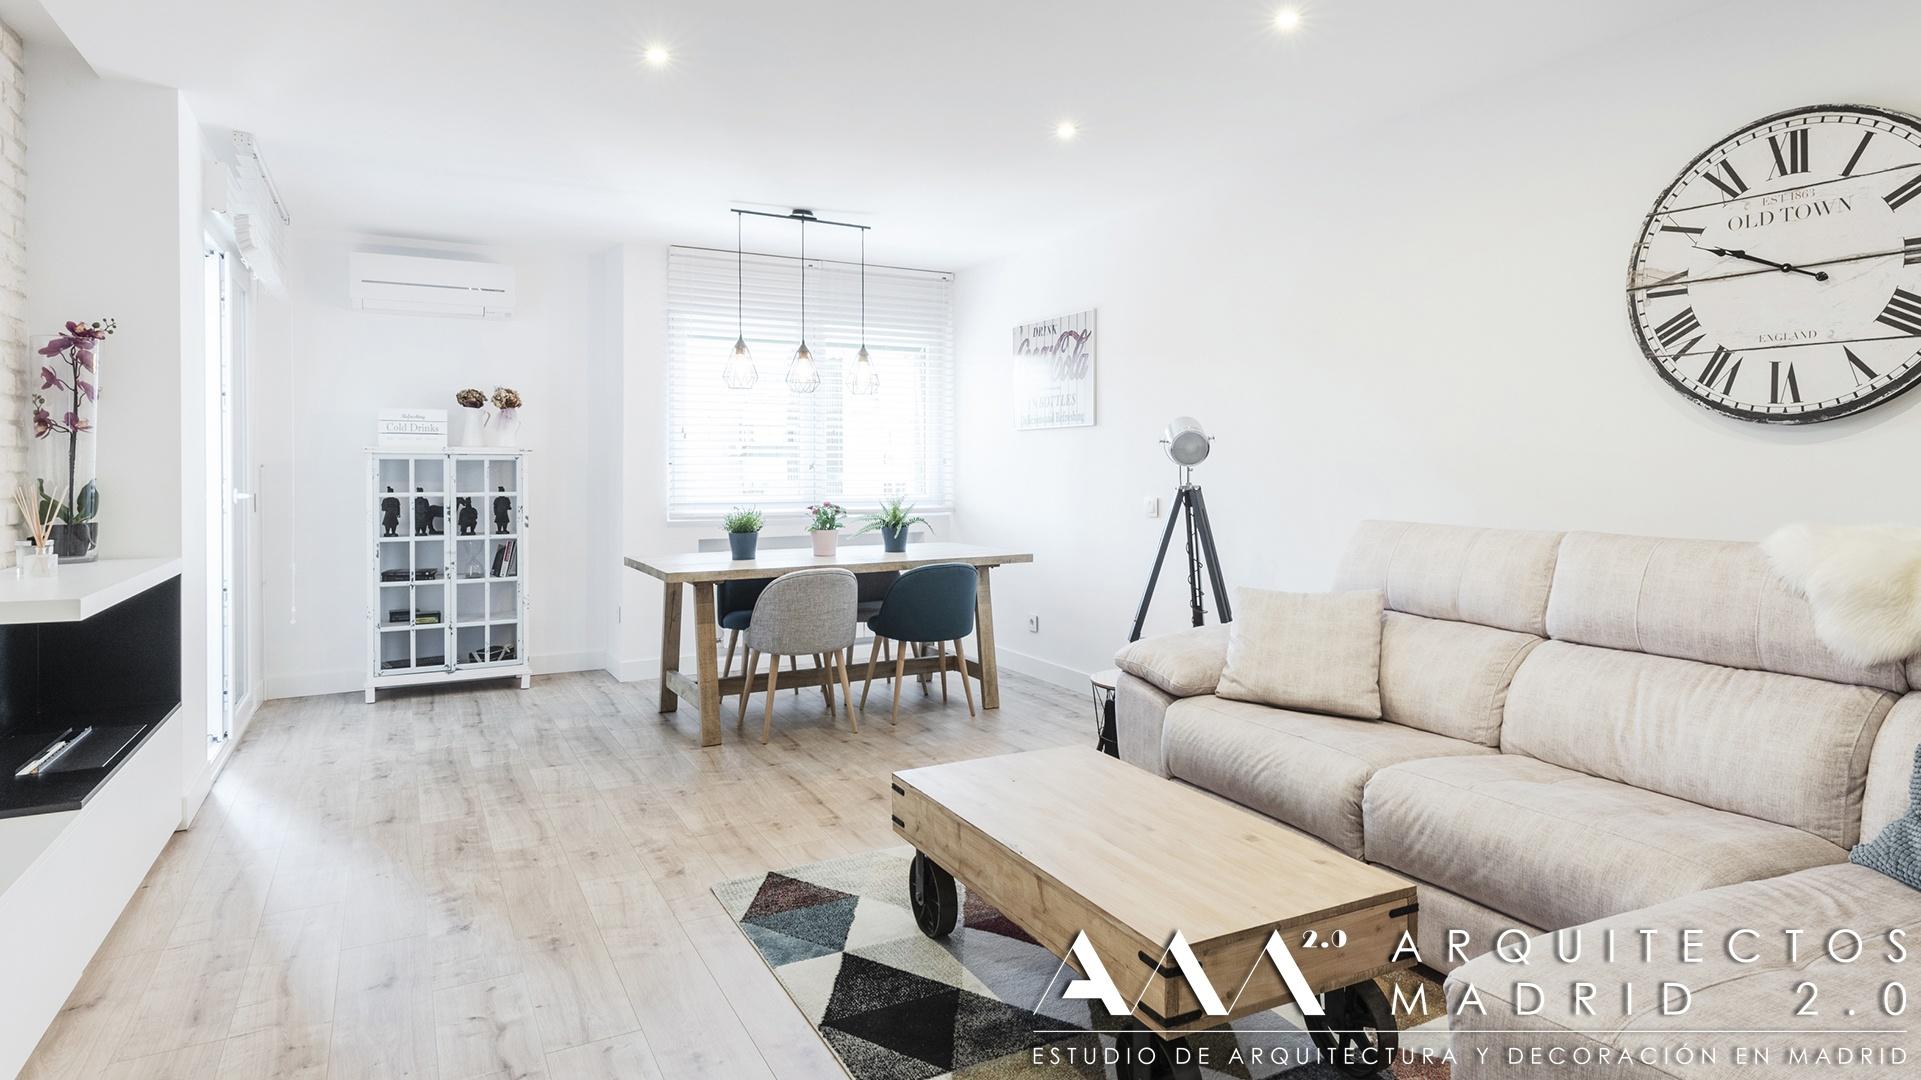 ideas-proyectos-reformas-casas-pisos-apartamentos-lofts-arquitectos-madrid-32